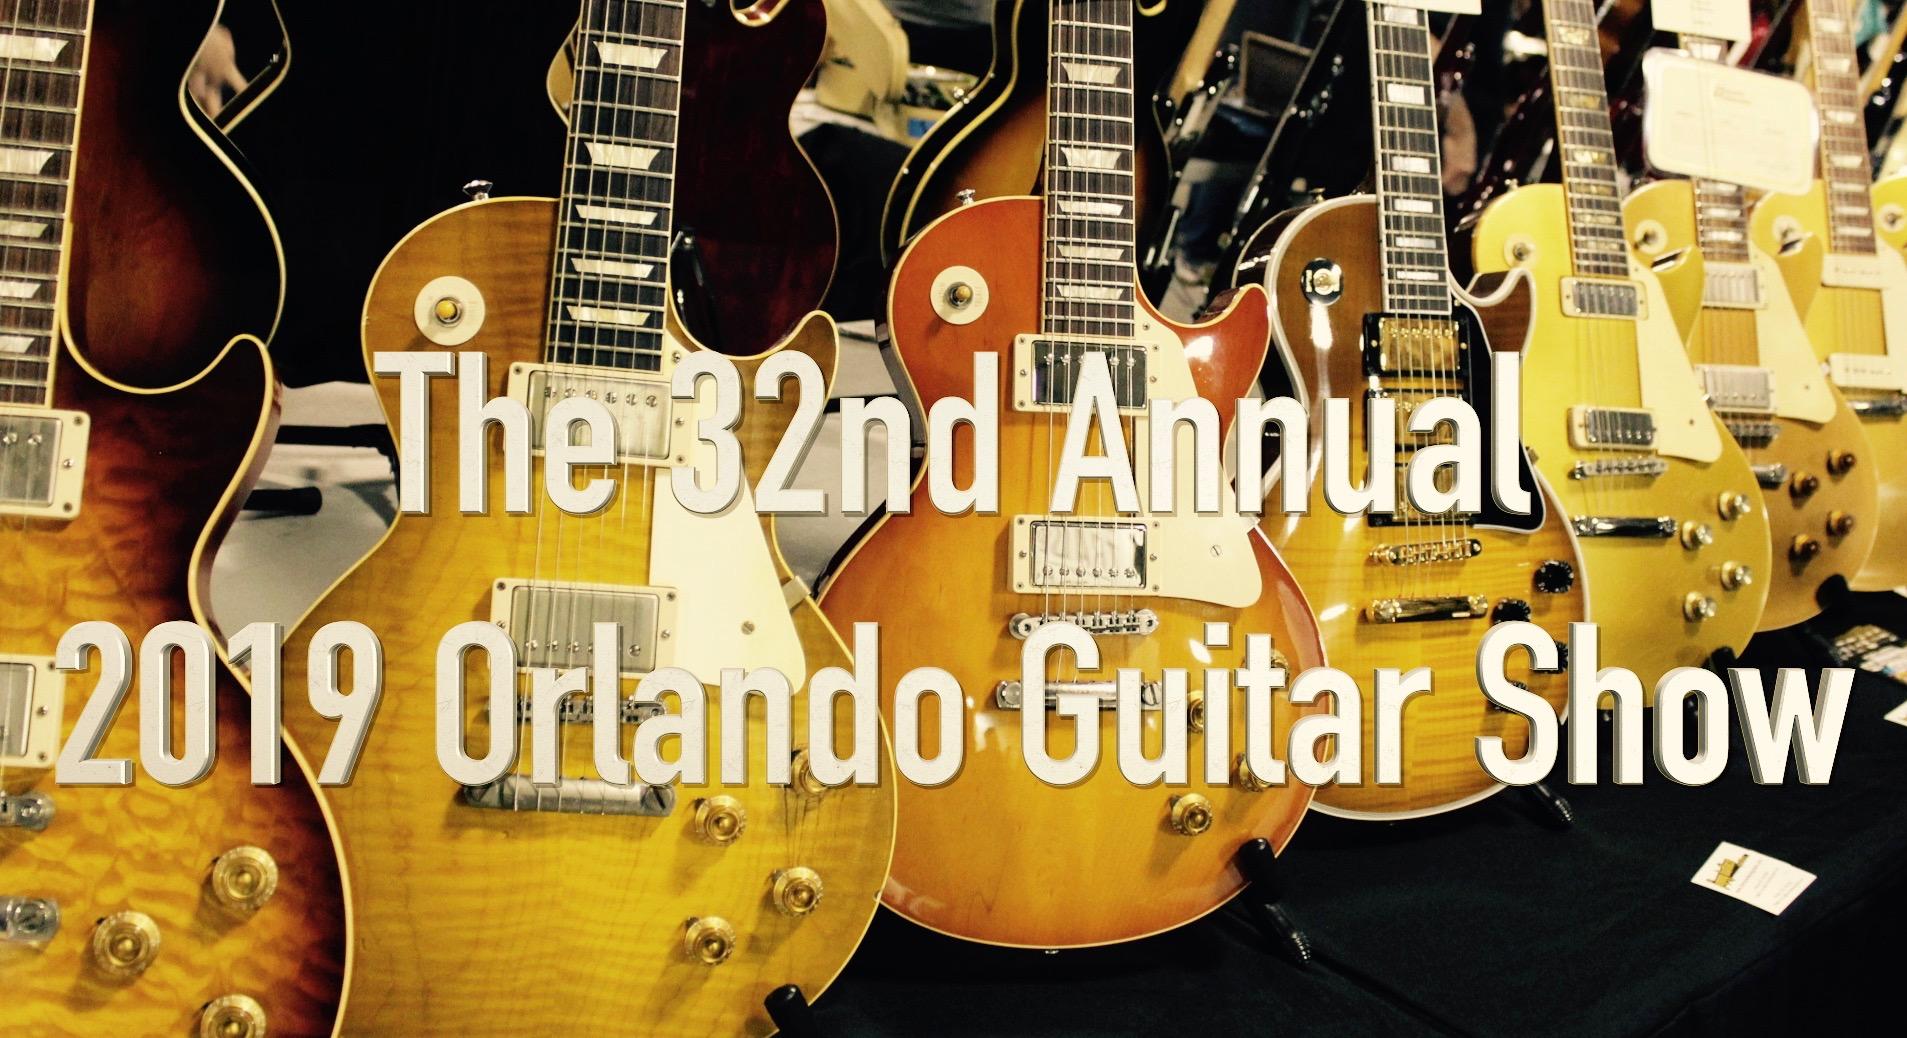 2019 Orlando Guitar Show-2.jpg